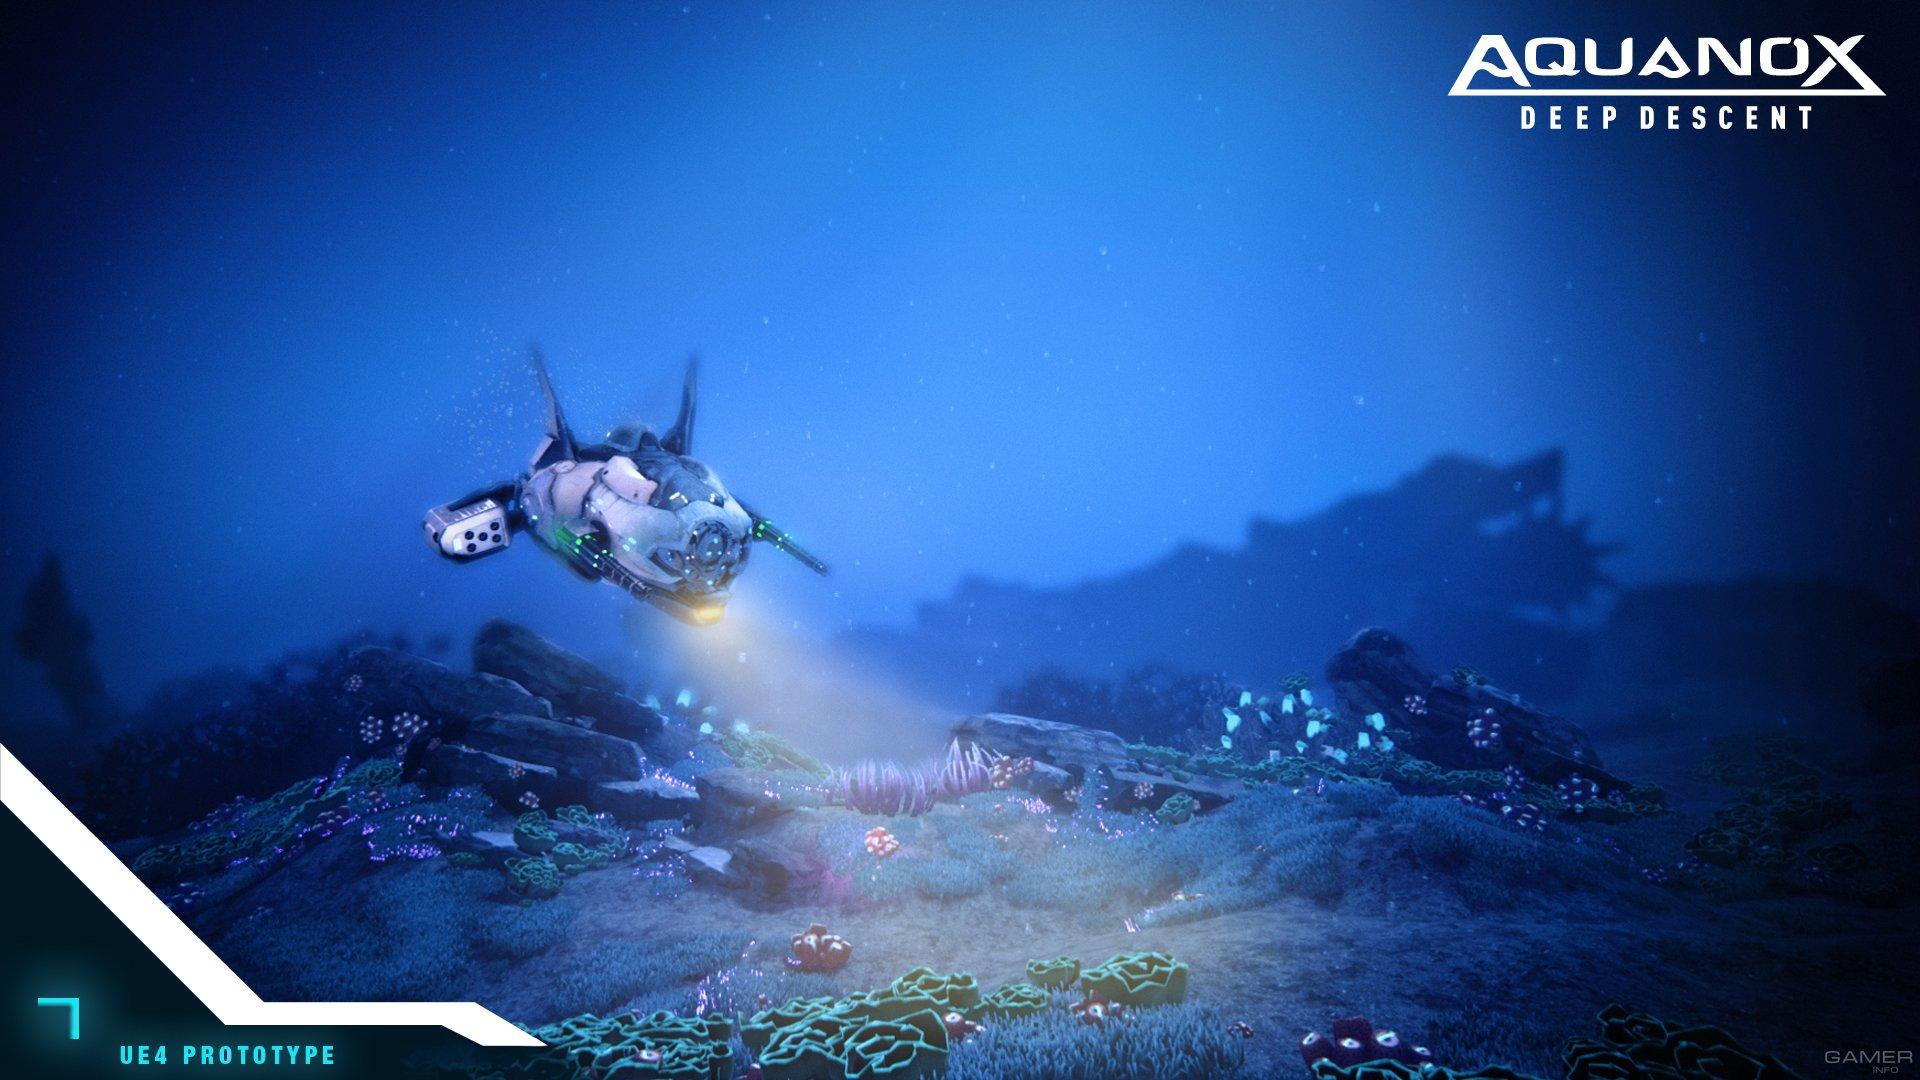 Aquanox Deep Descent (2019 video game)